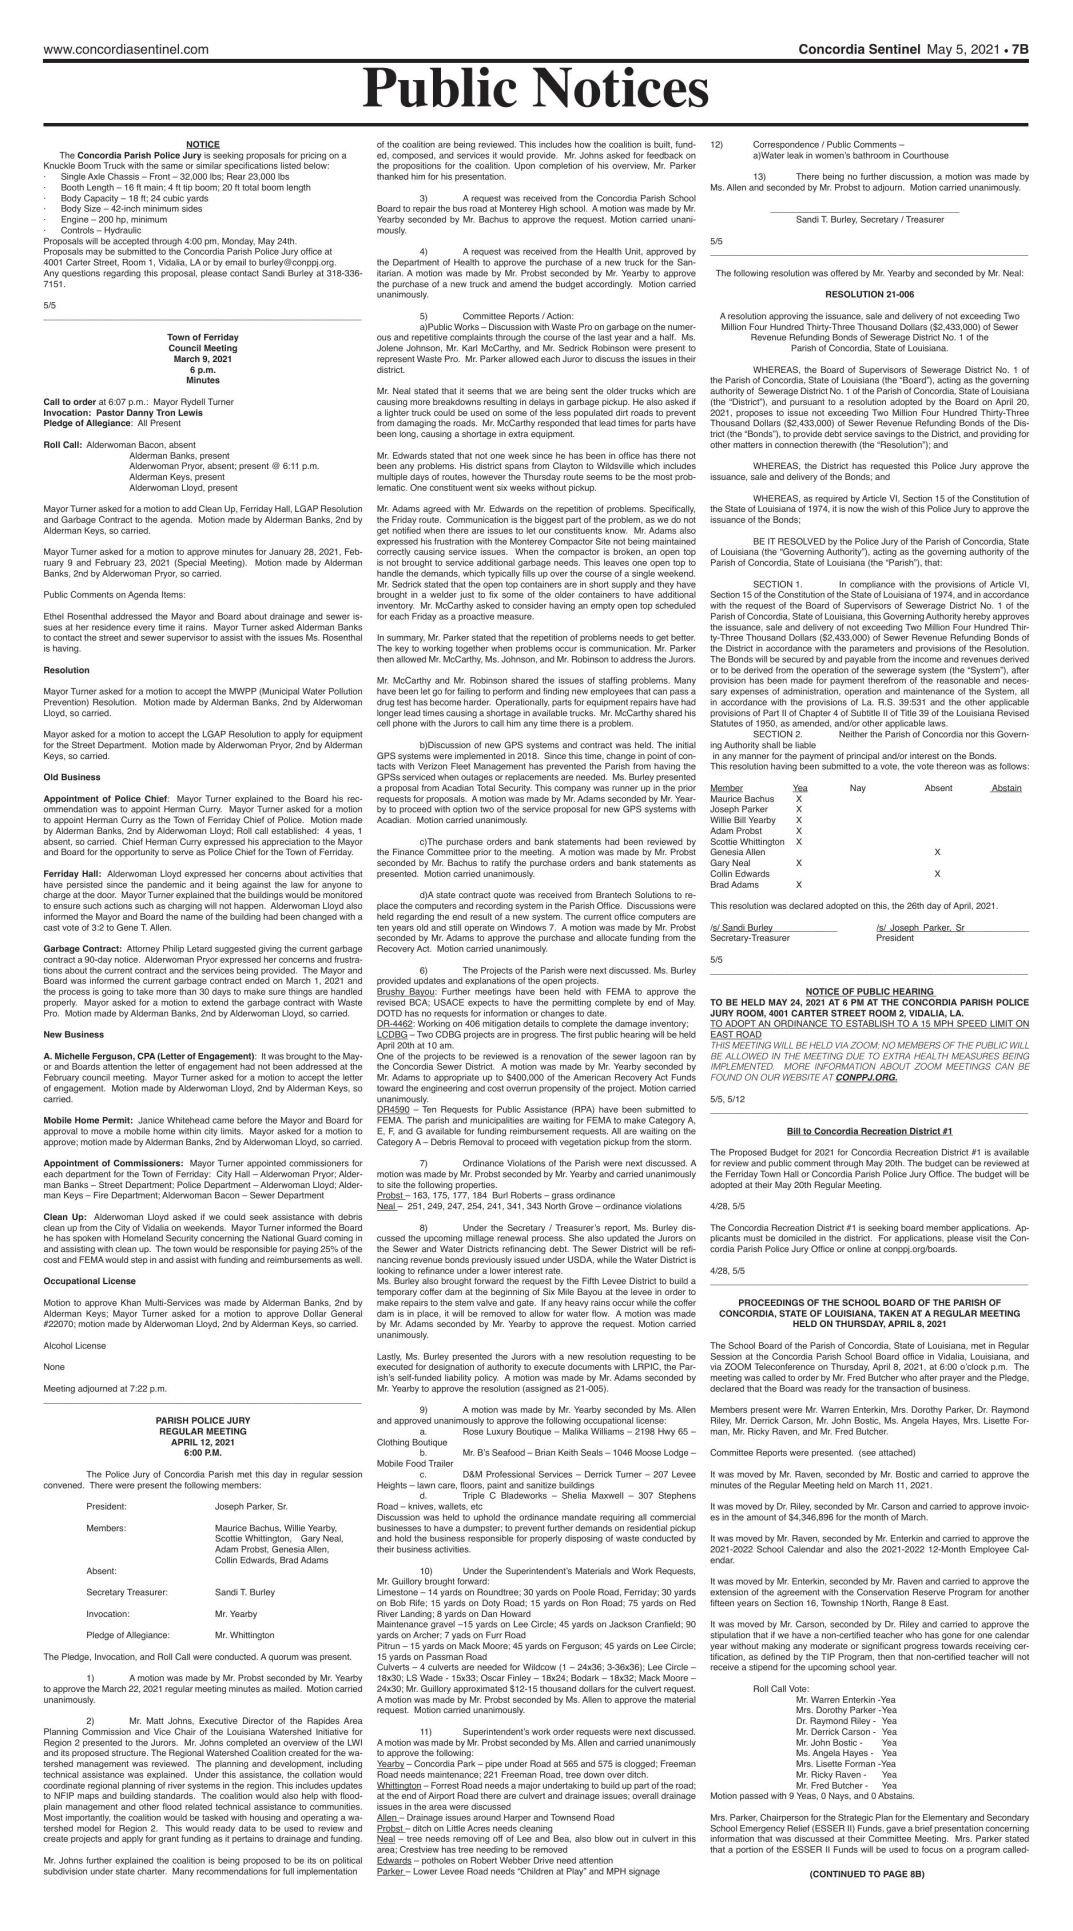 Public Notices - May 5, 2021